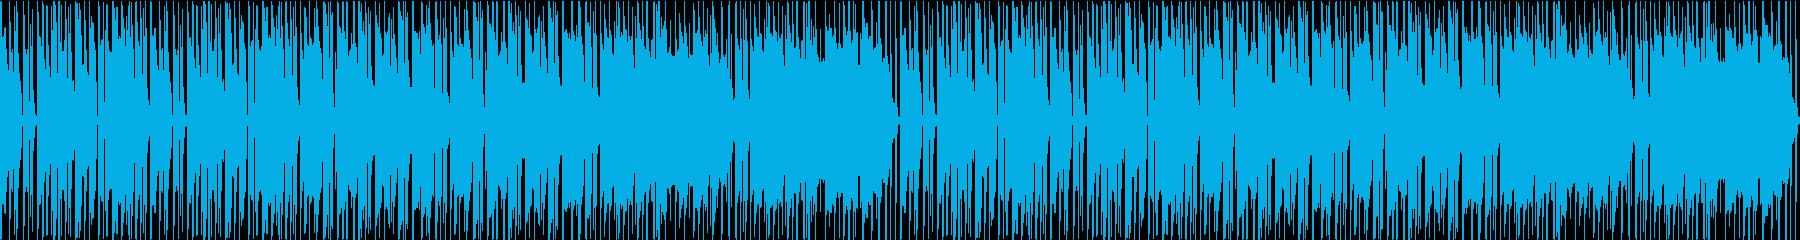 ほのぼのとしつつも心がウキウキするBGMの再生済みの波形